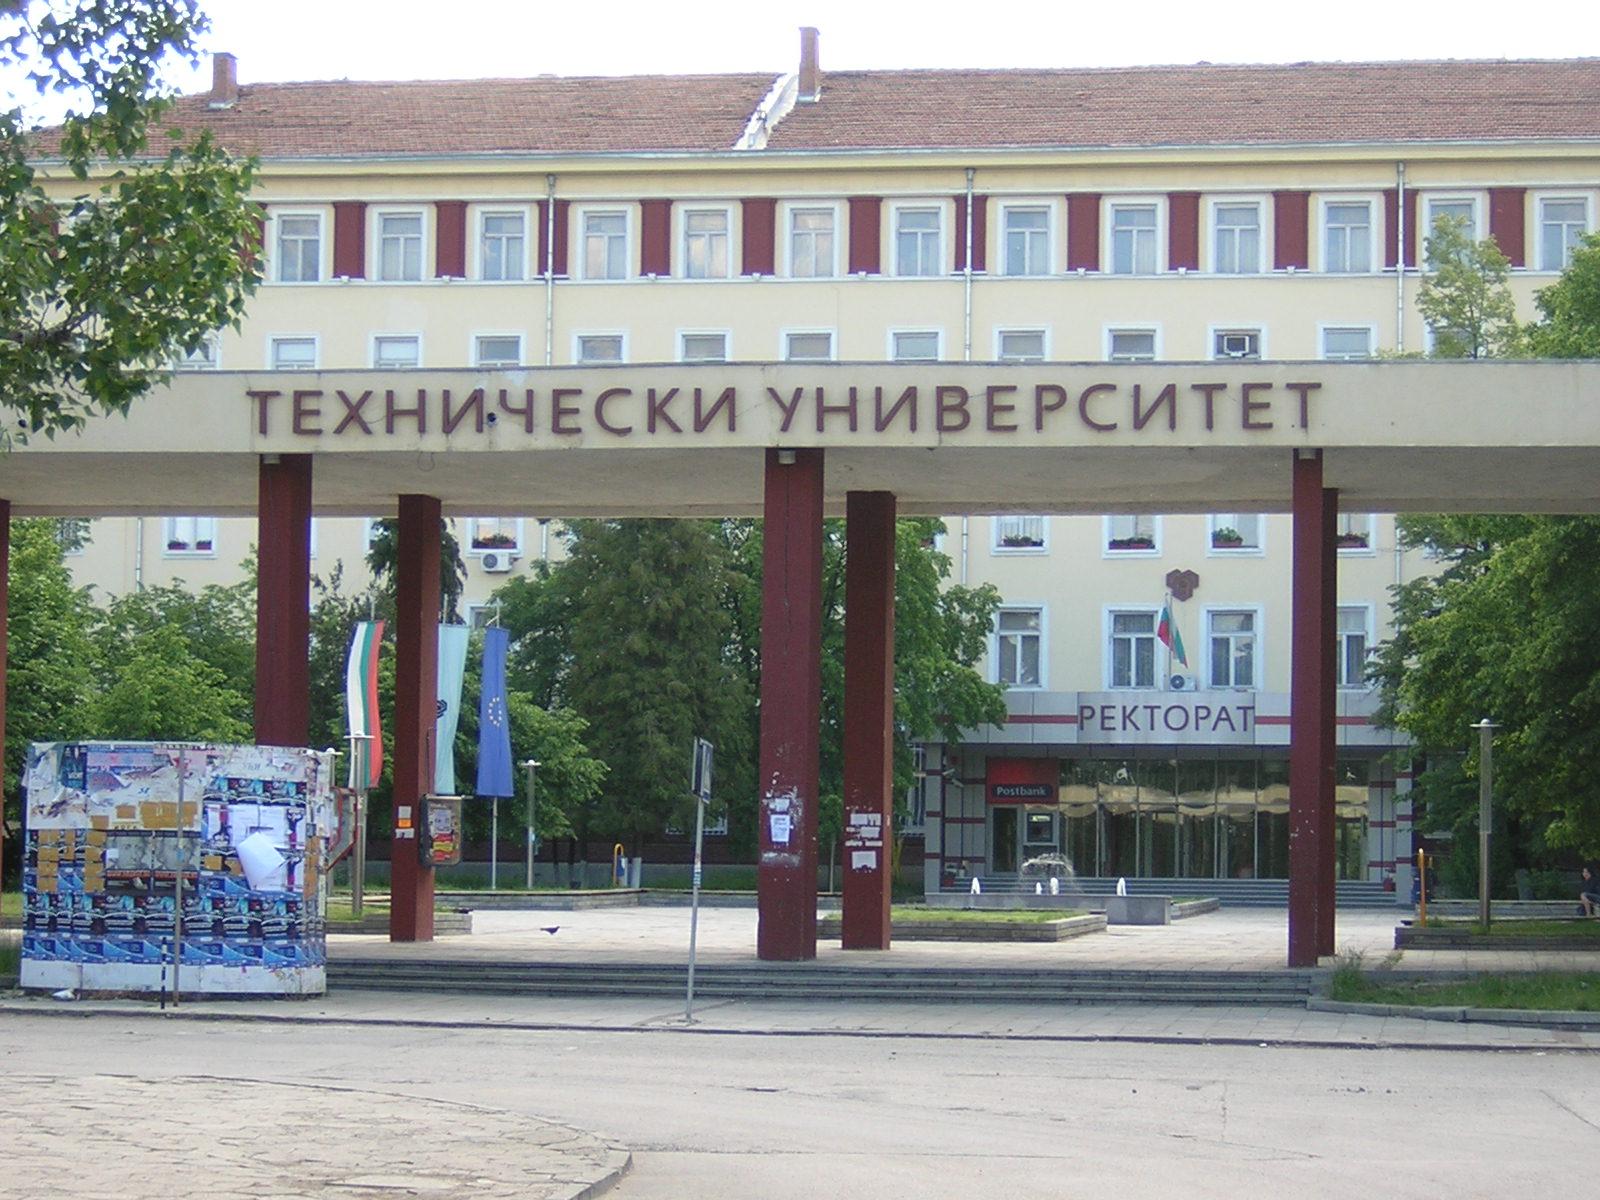 Тържествено честване на 70-годишнината на Технически университет София